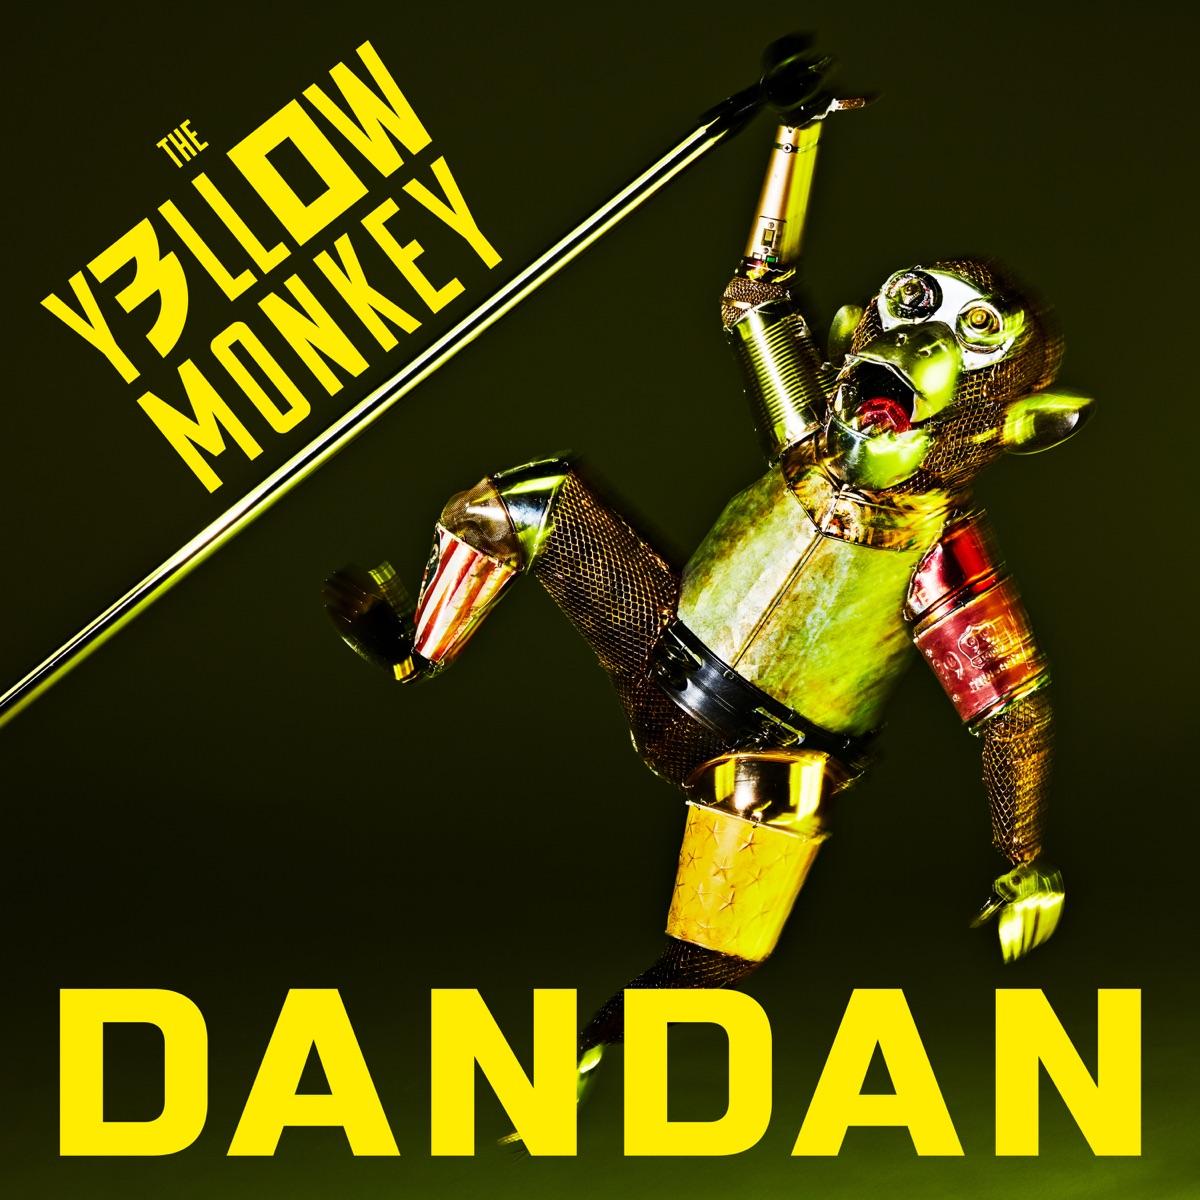 『THE YELLOW MONKEY - DANDAN』収録の『DANDAN』ジャケット